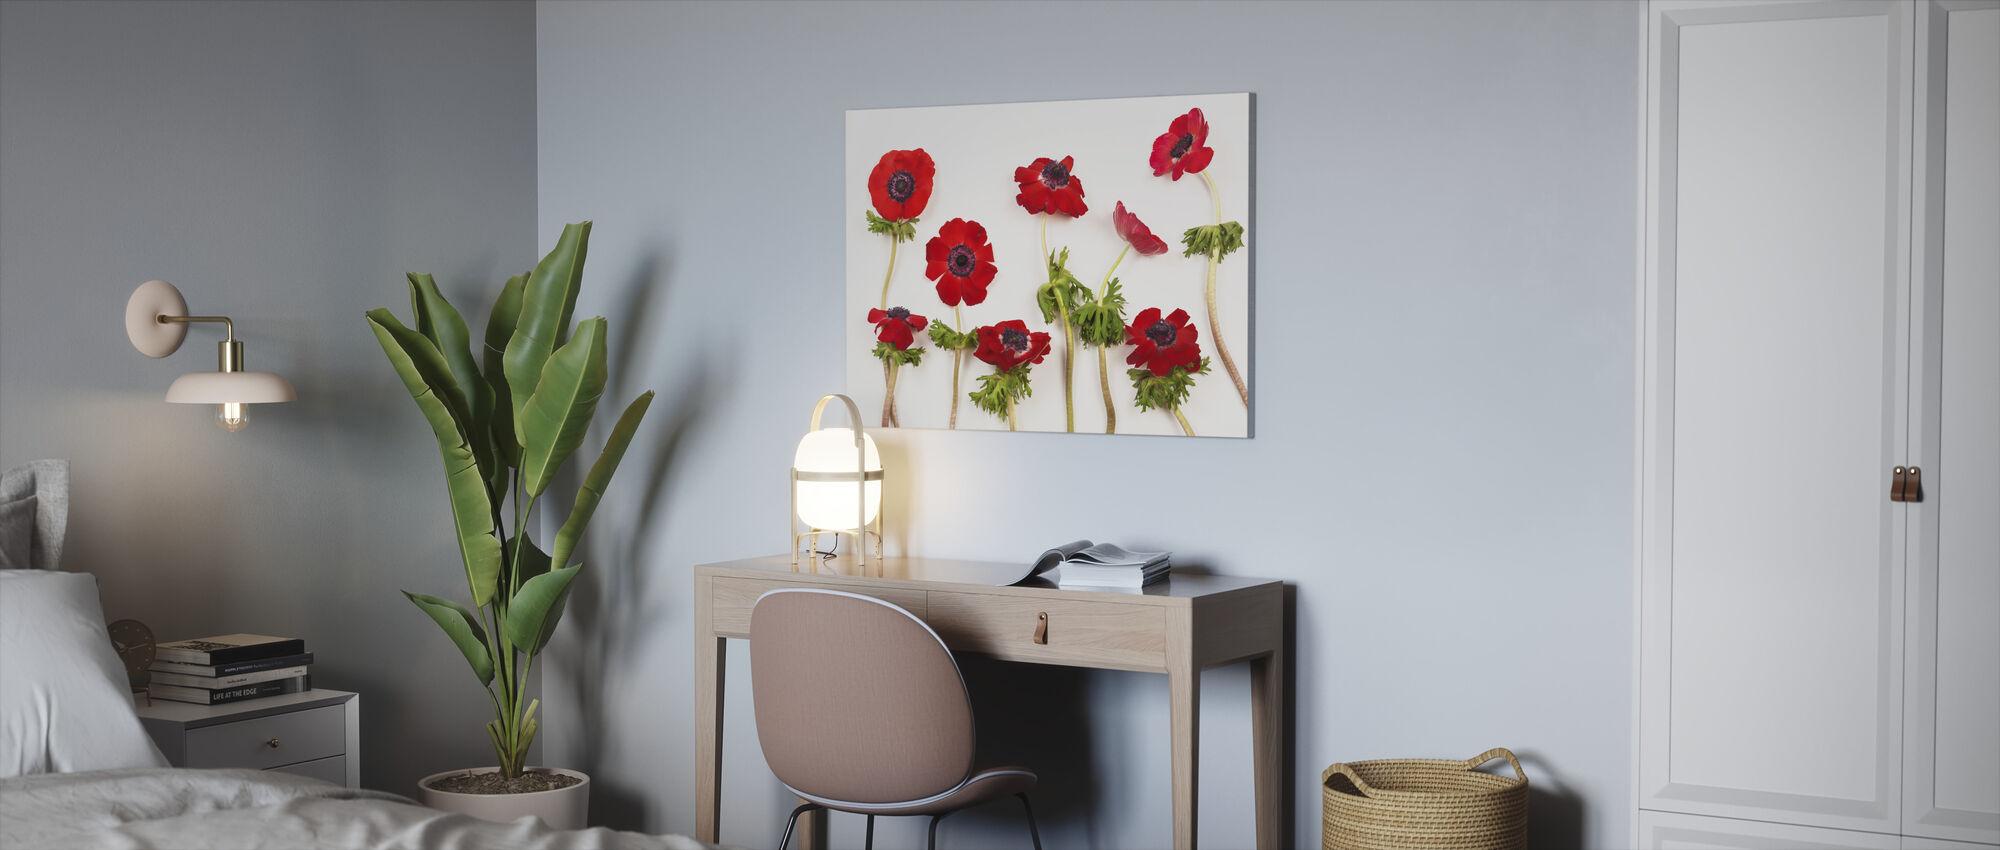 Punainen Anemons - Canvastaulu - Toimisto